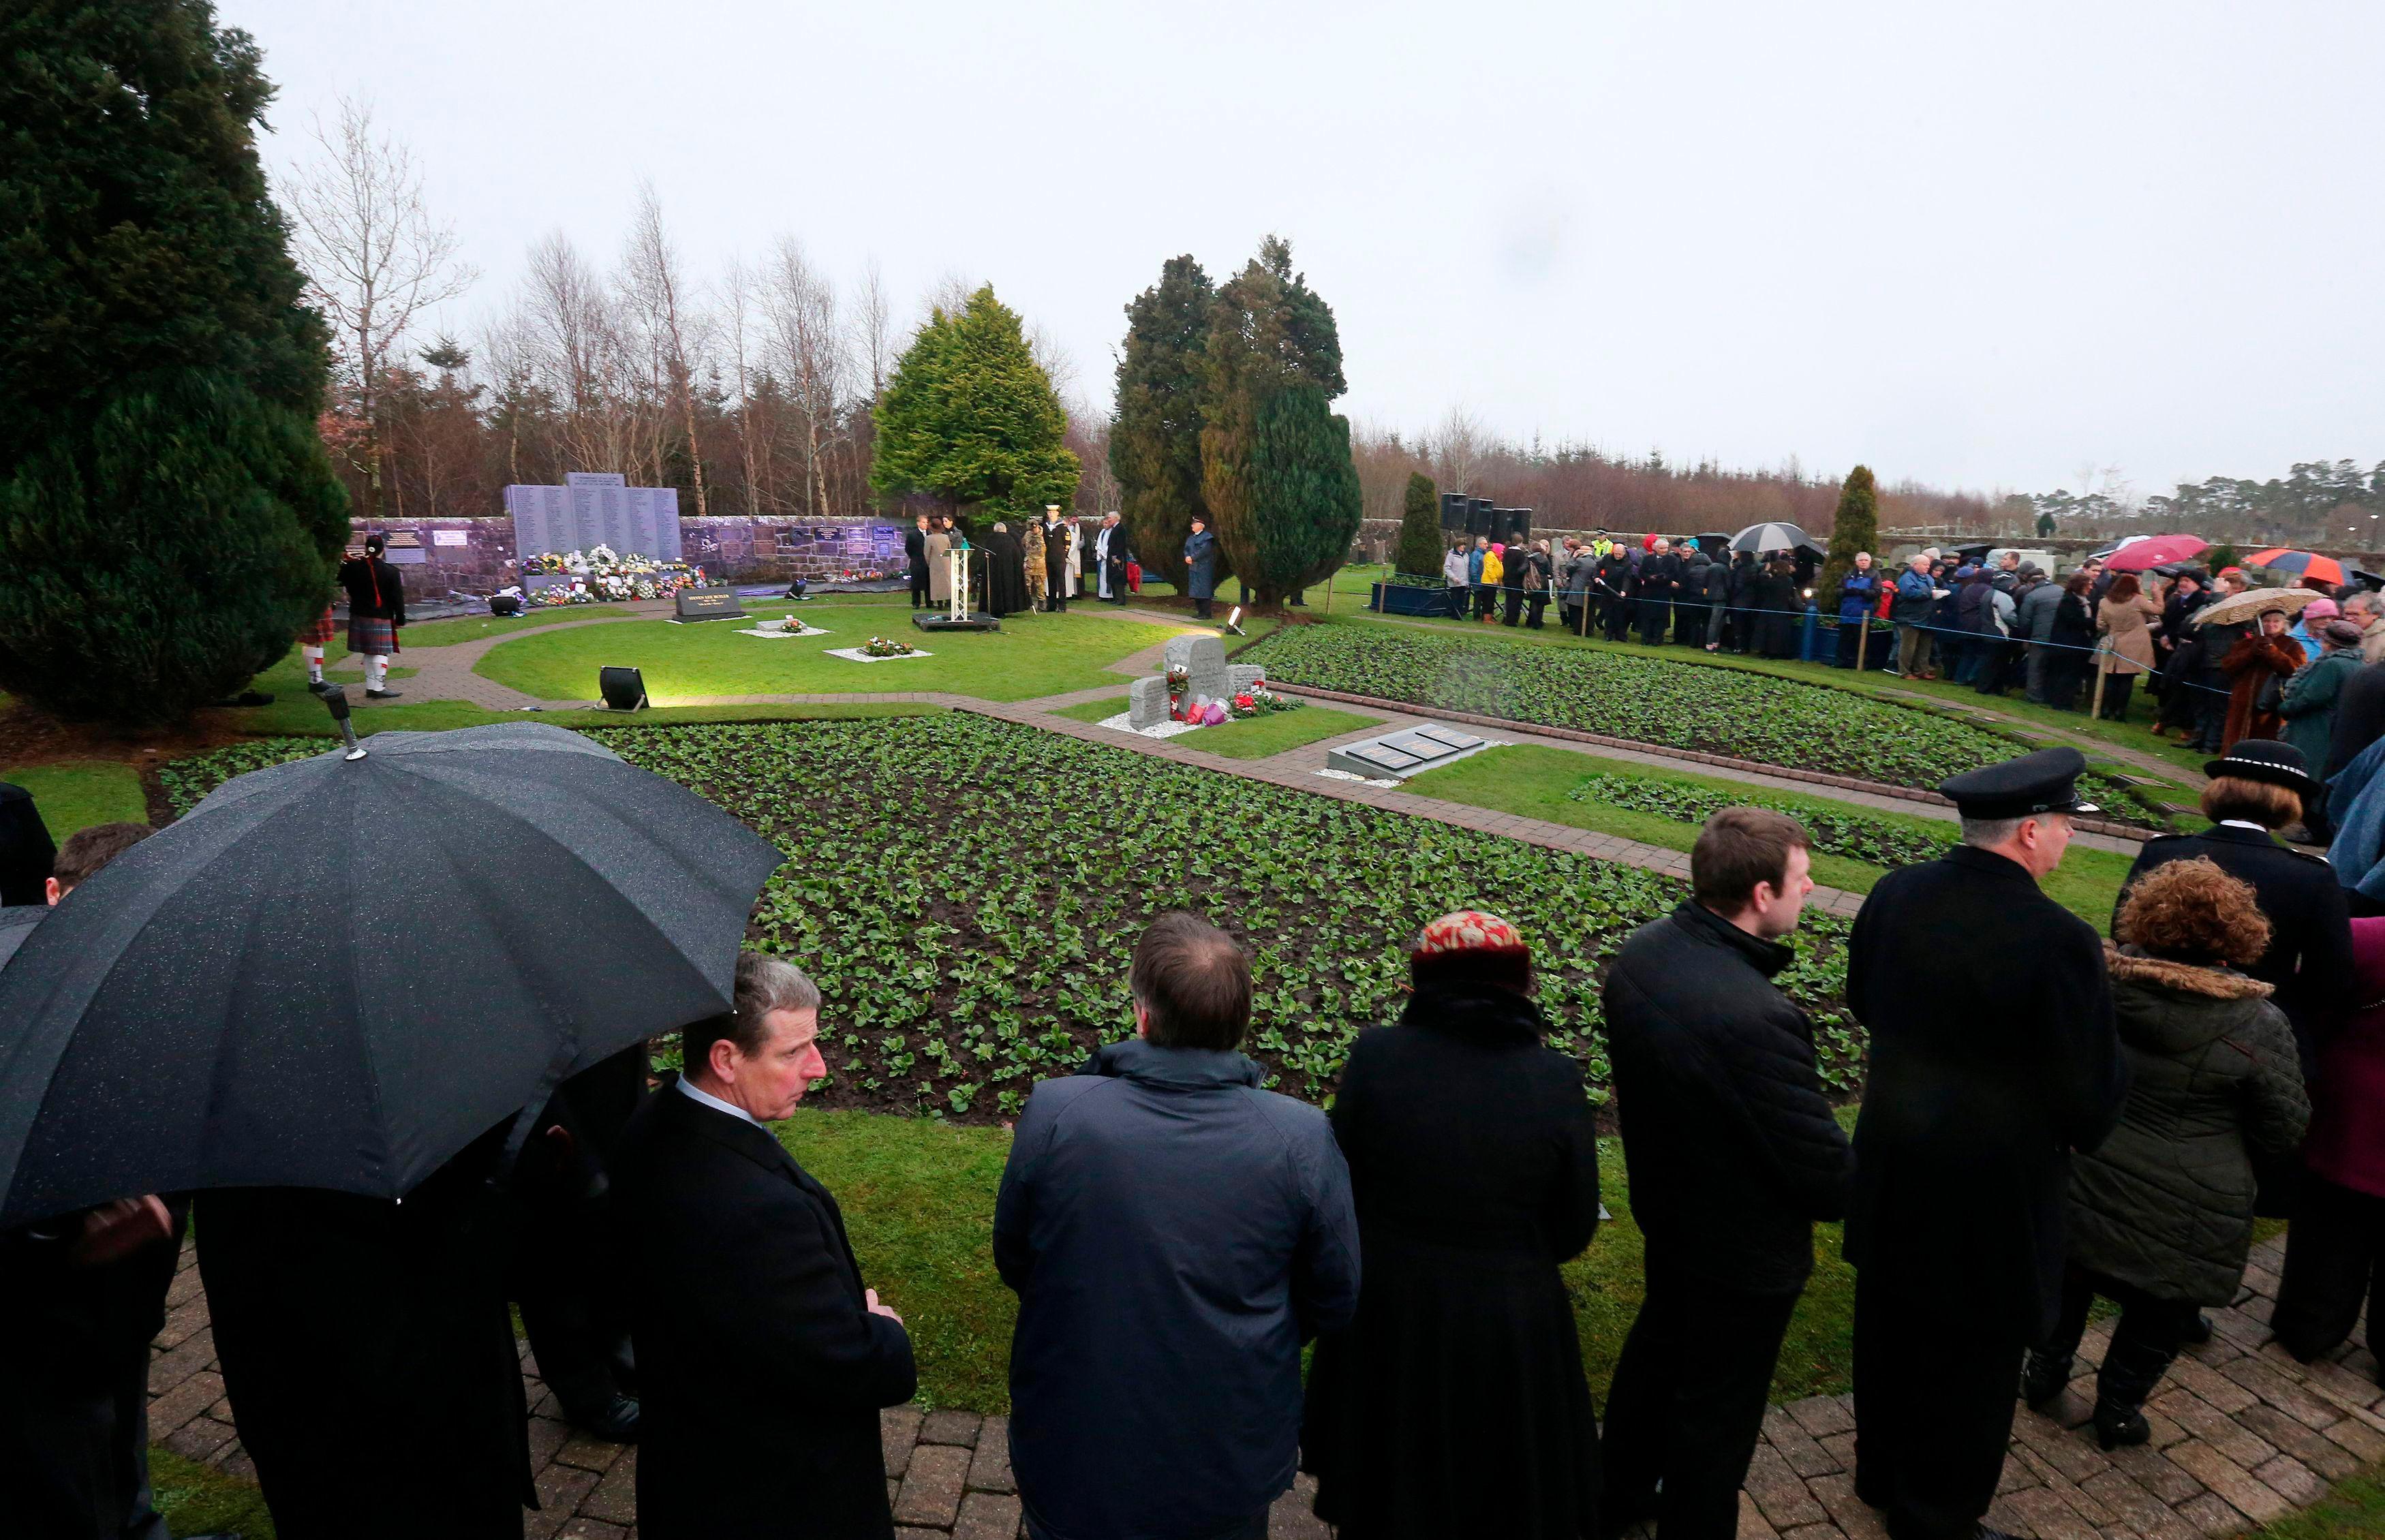 Pan Am 103 victims' memorial